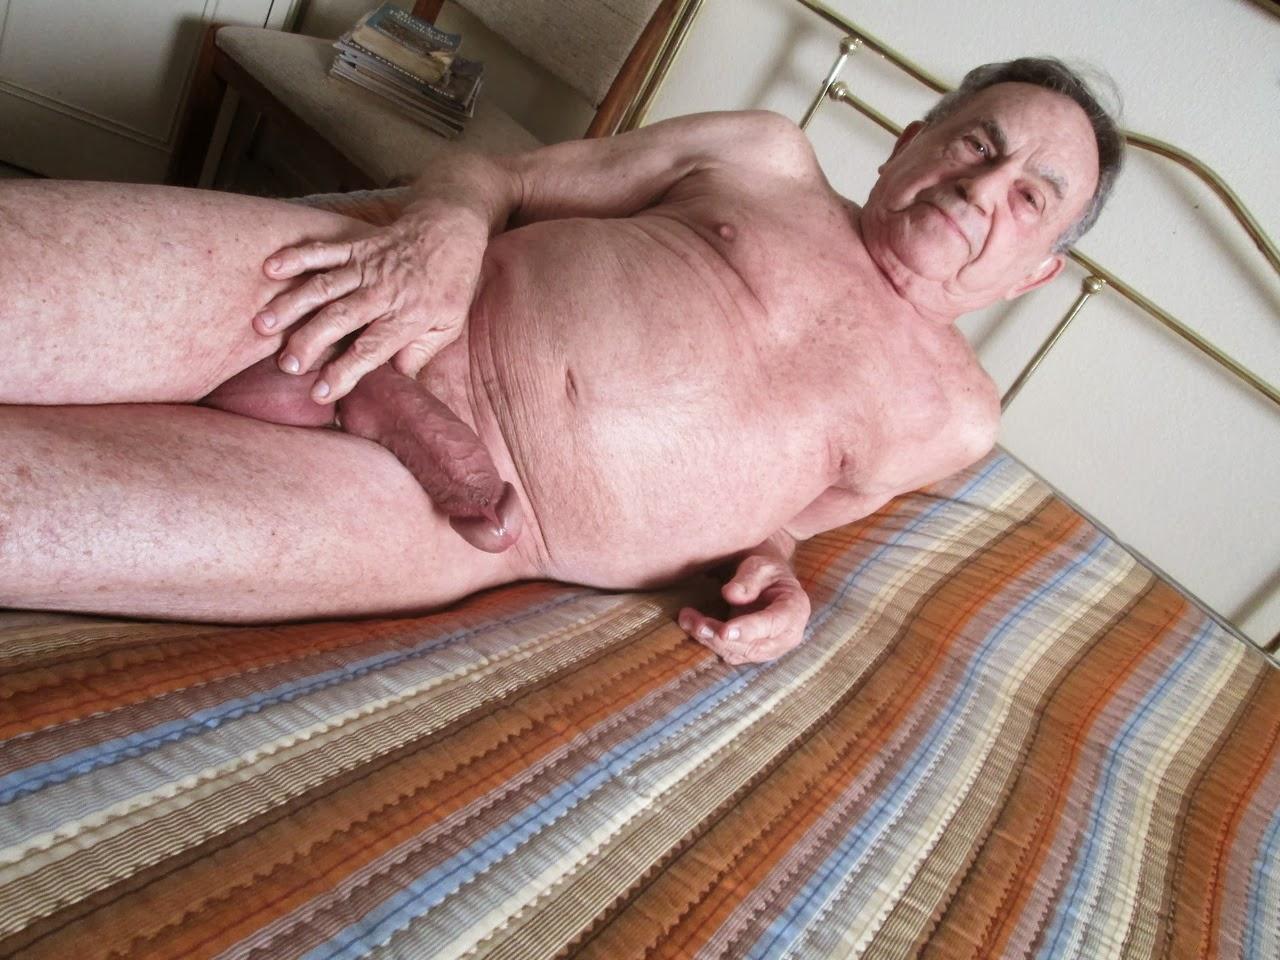 Video. Hot grandpa with big cock cunt